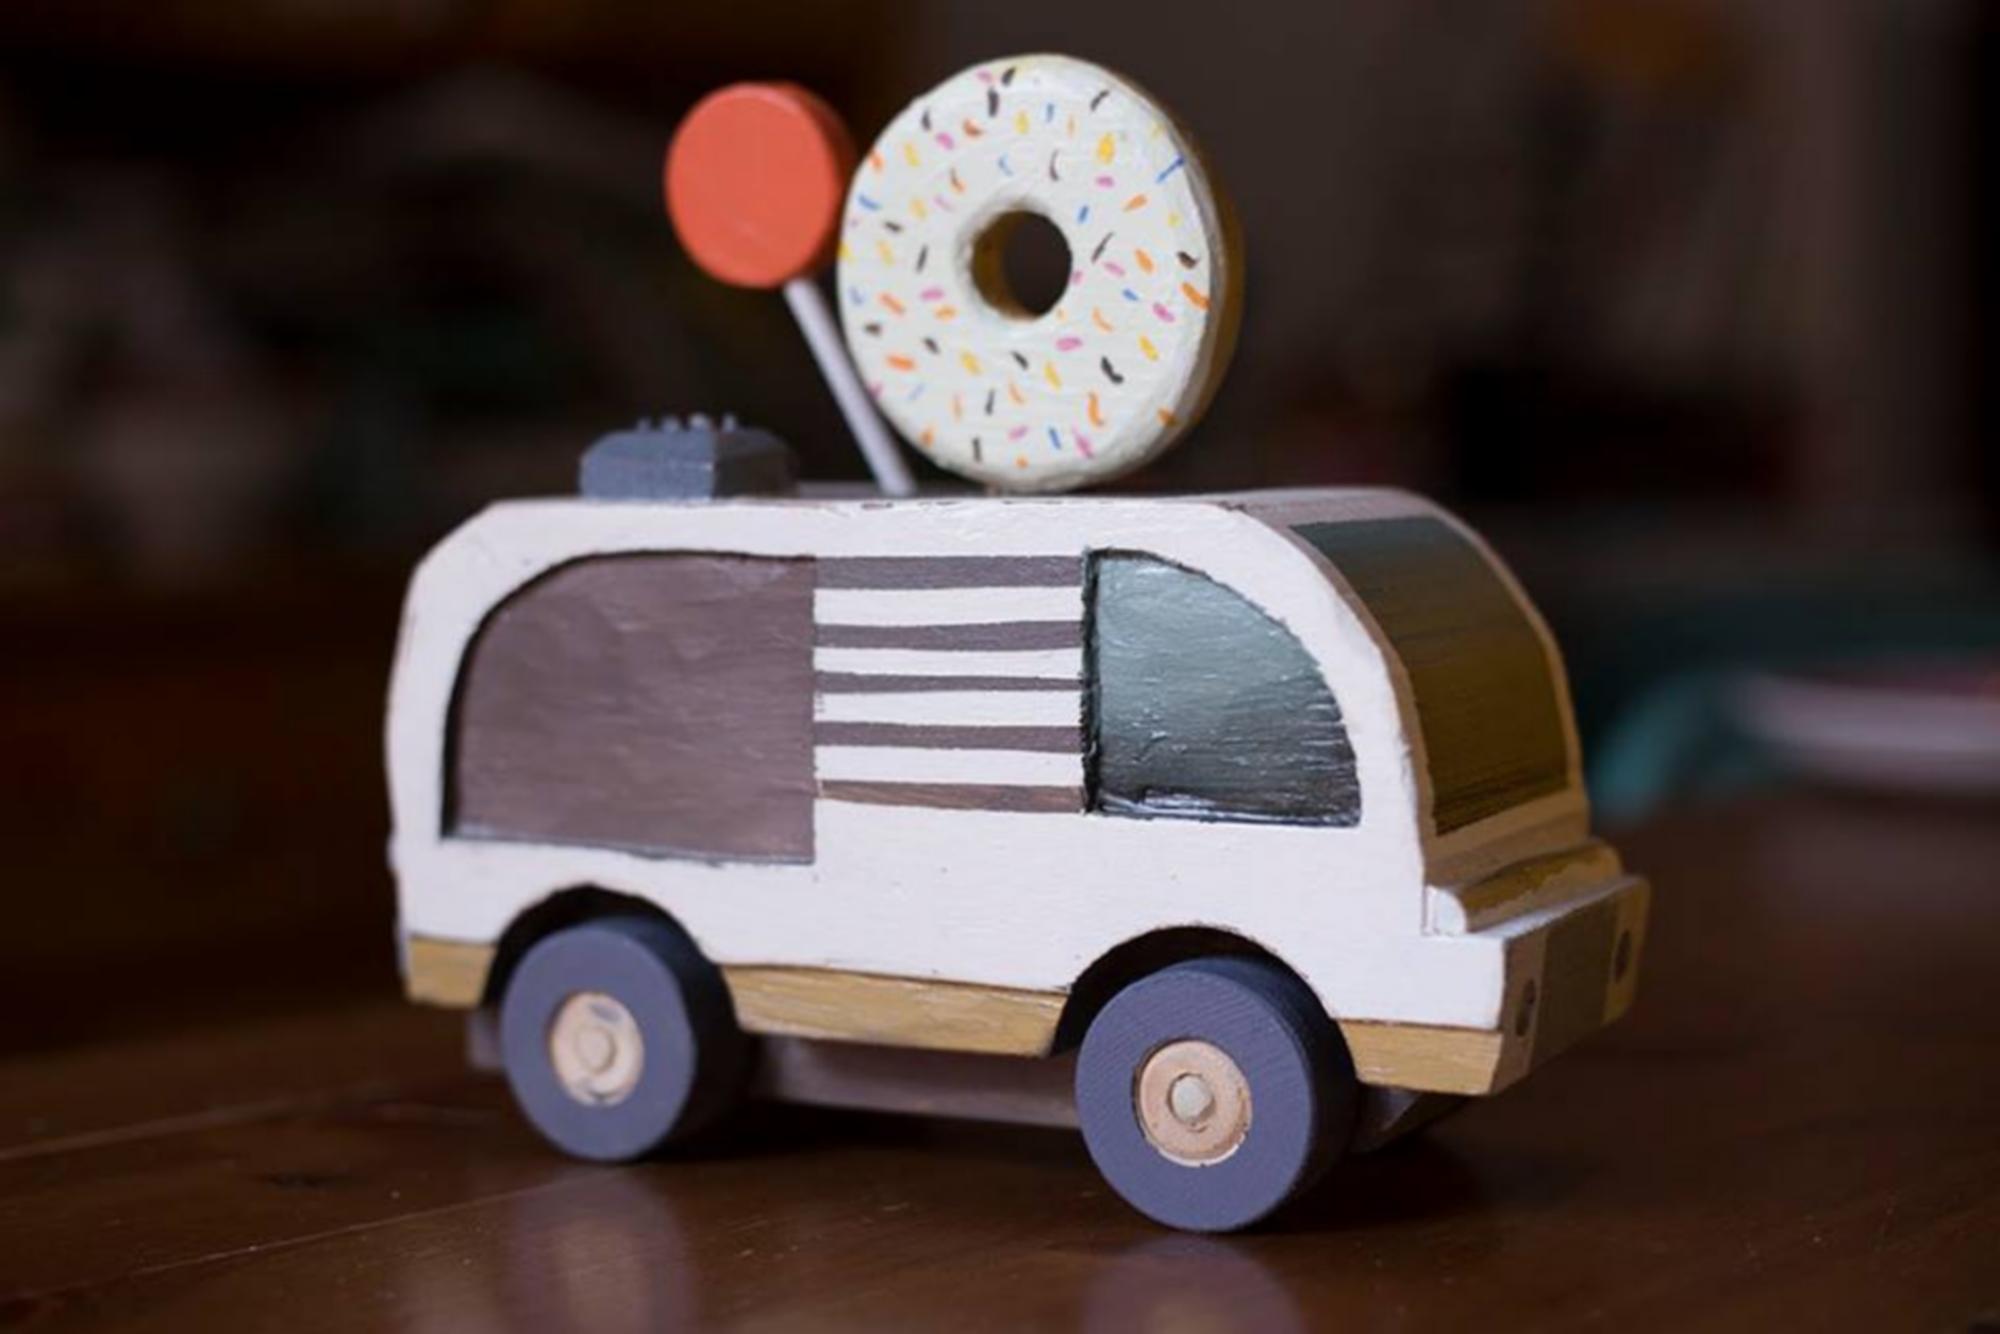 Les jouets sont essentiellement en vente dans les marchés locaux de créateurs. ©LaFrance